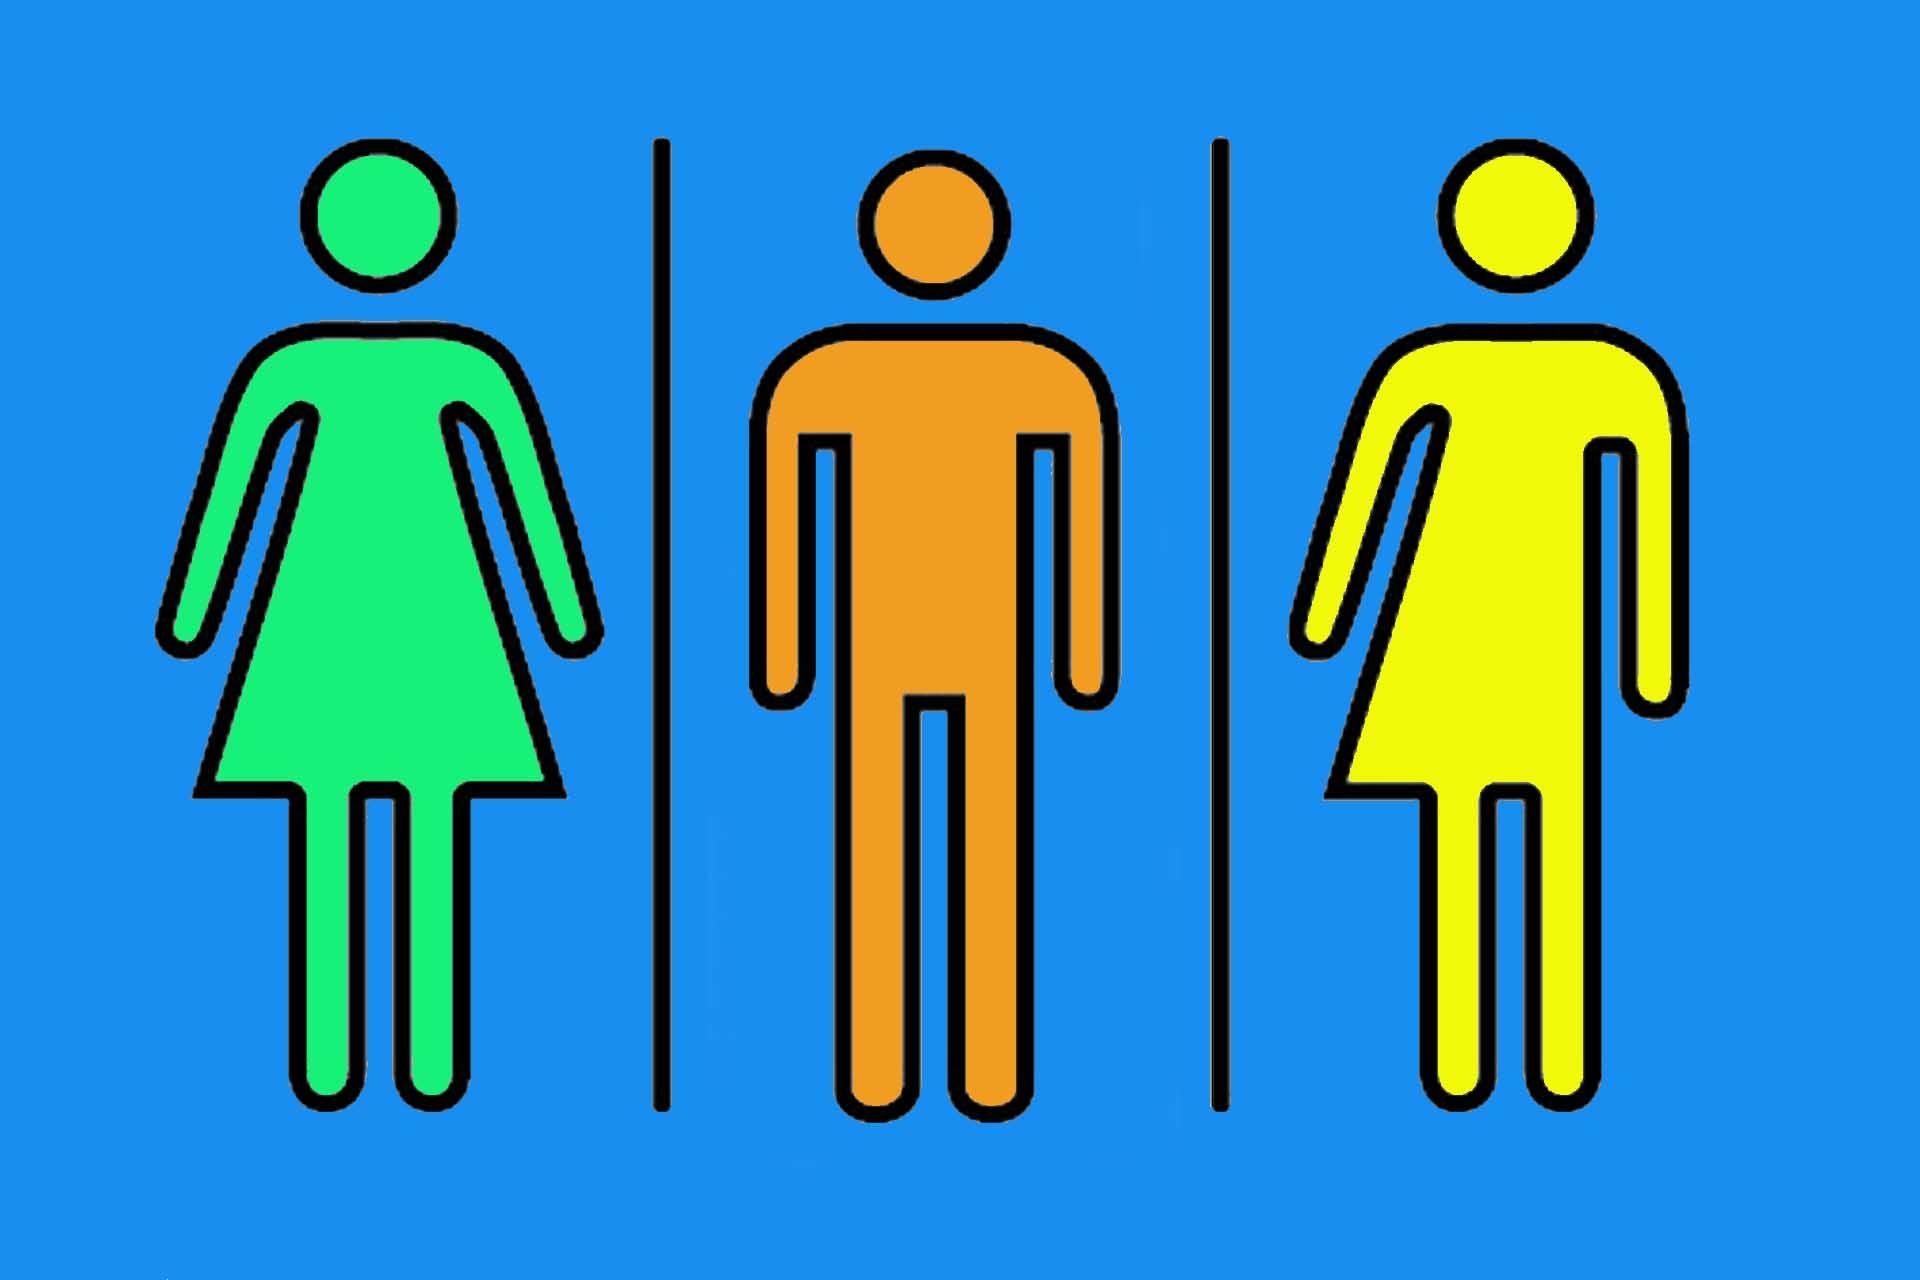 t2informatik Blog: w/m/d oder weilich/männlich/divers